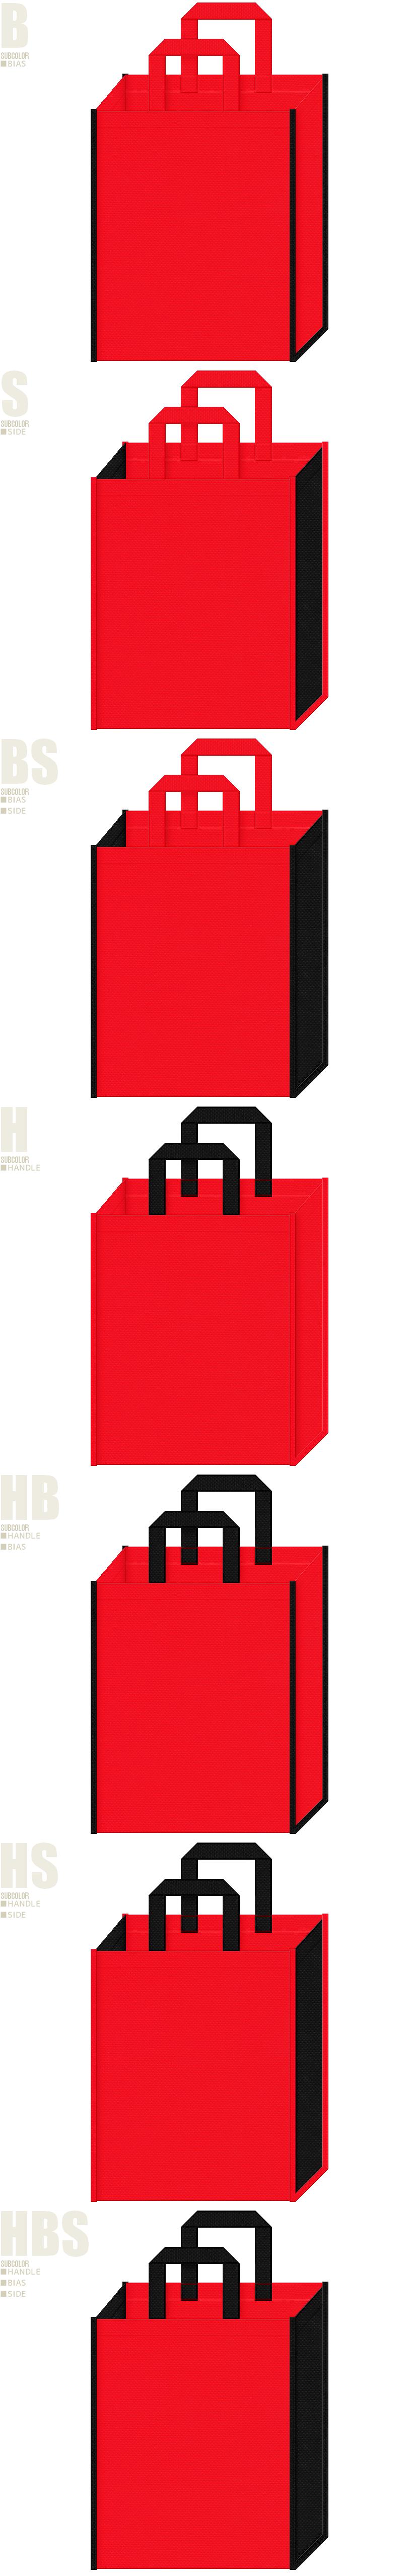 赤色と黒色、7パターンの不織布トートバッグ配色デザイン例。アウトドア・スポーツ・日本の祭り(提灯風)にお奨めです。